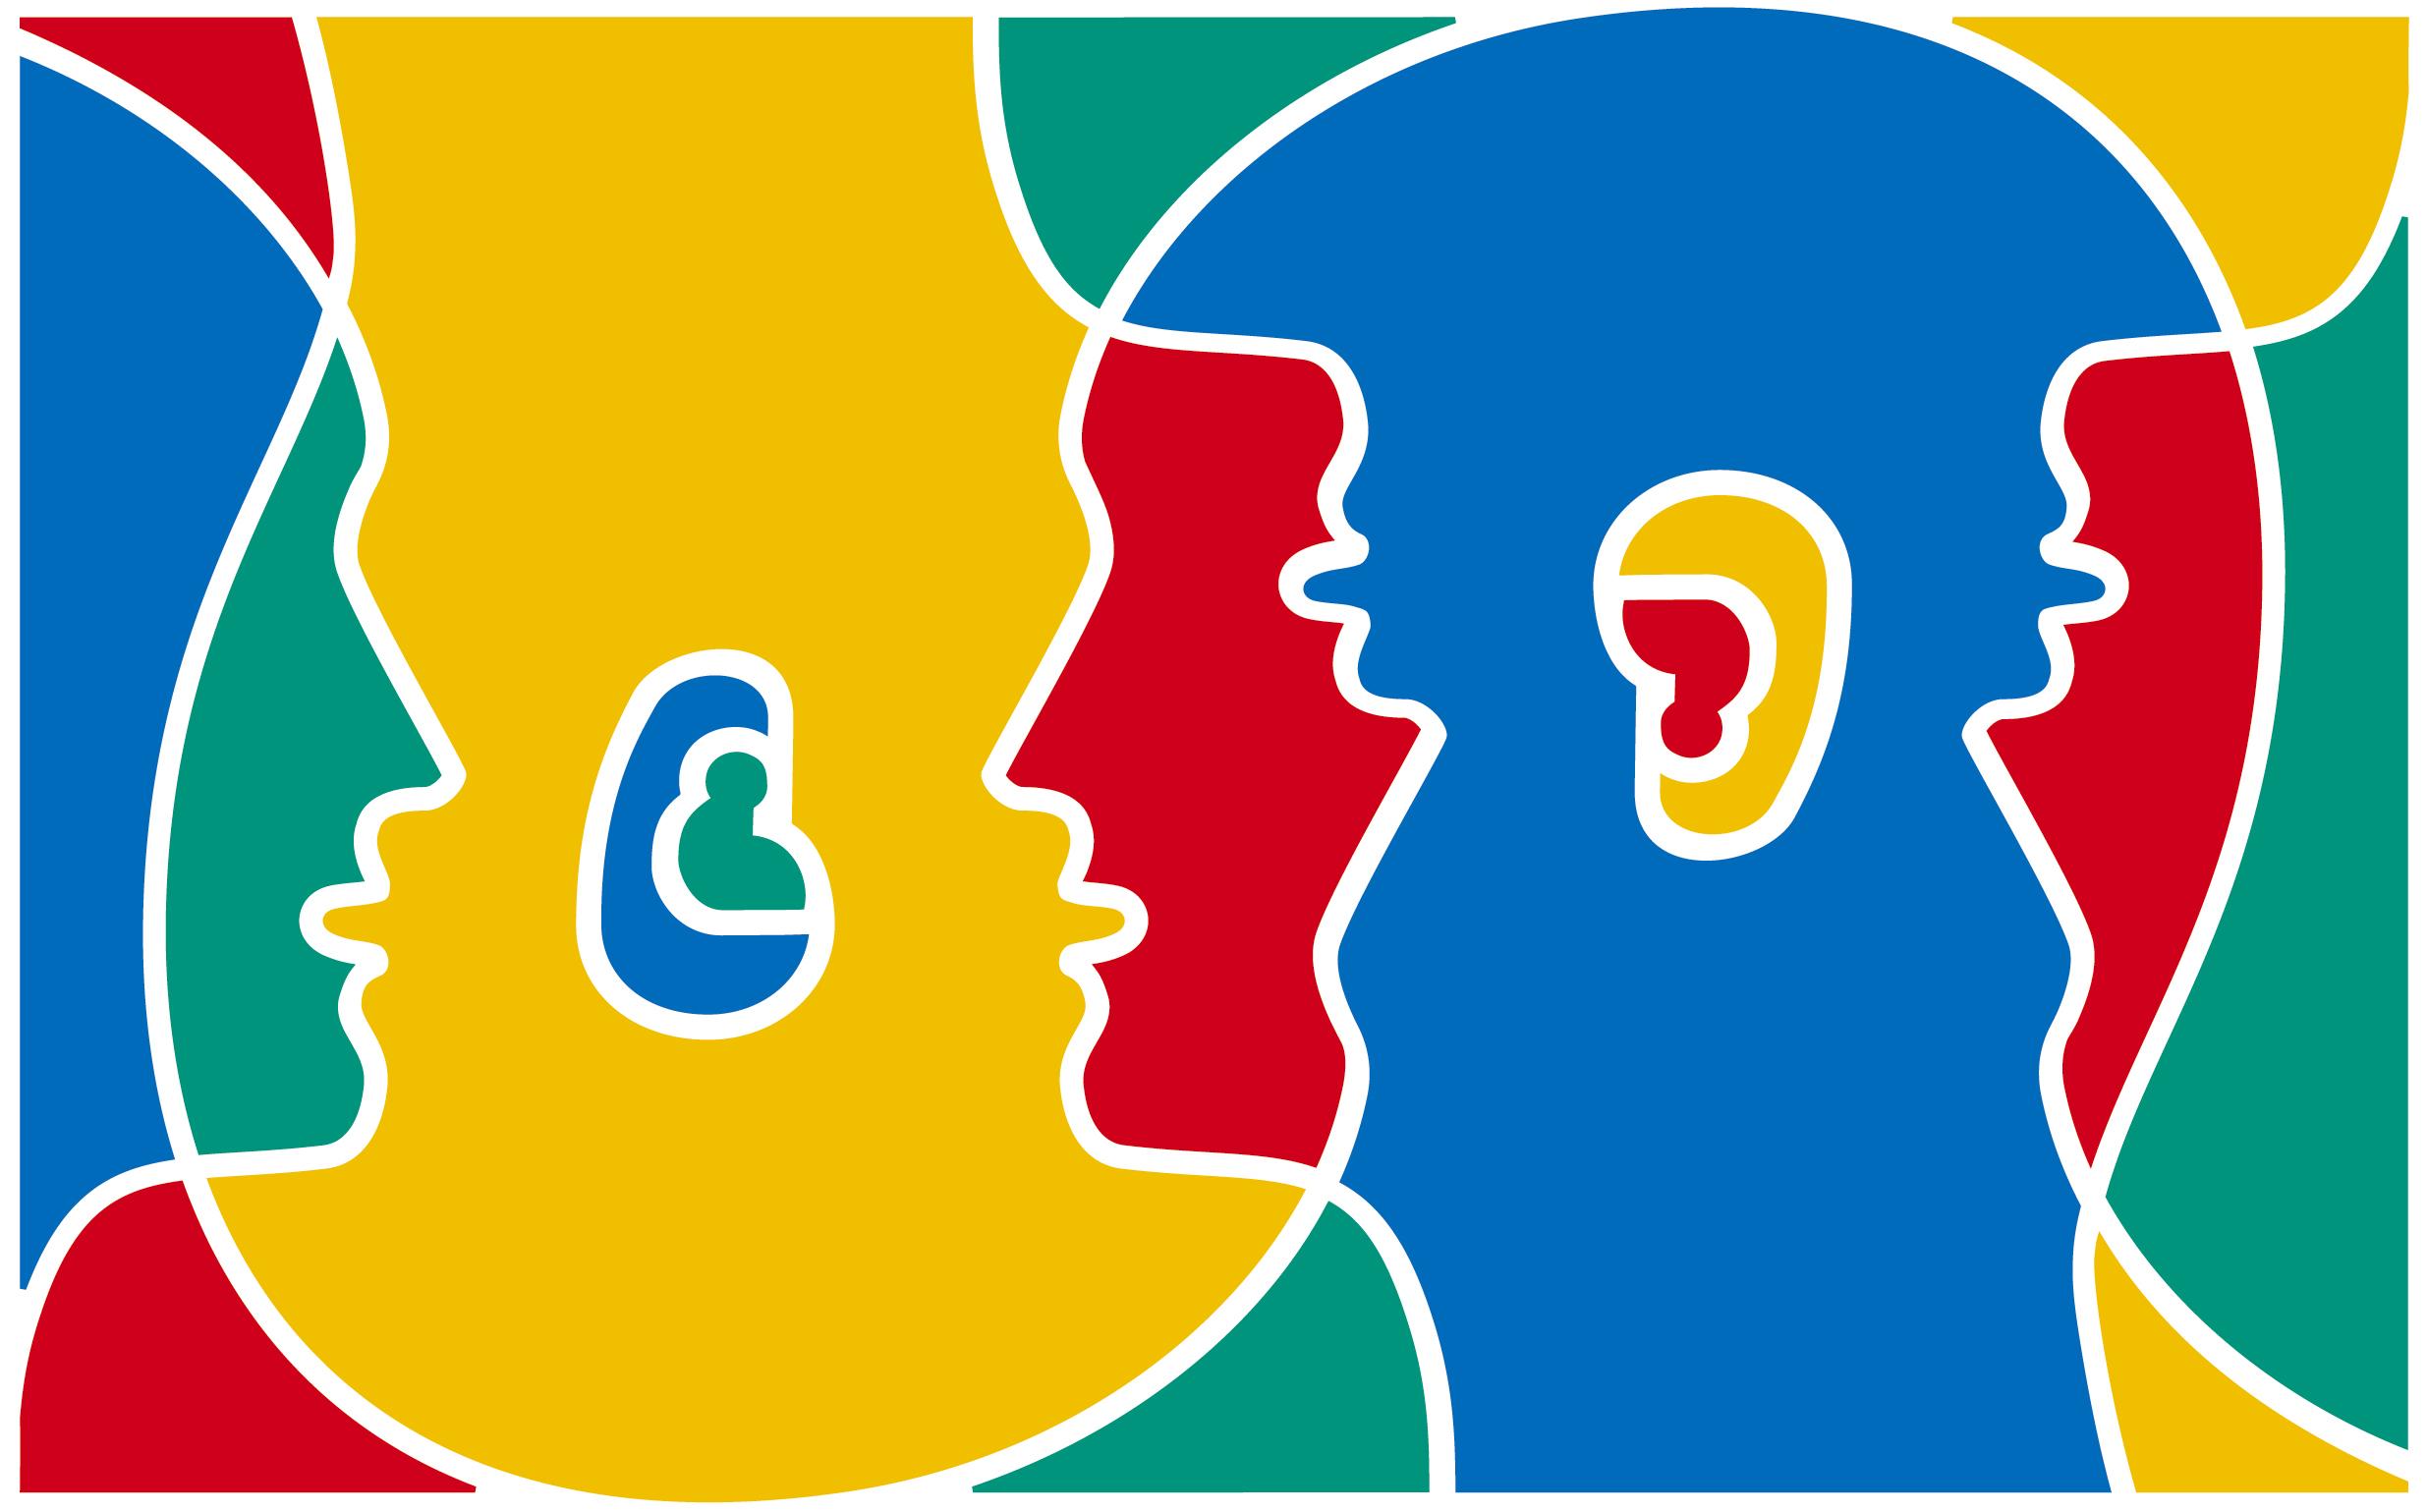 journée européenne des langues 2019 logo association odyssée bordeaux france interculturelle activités jeune européen européenne europe erasmus